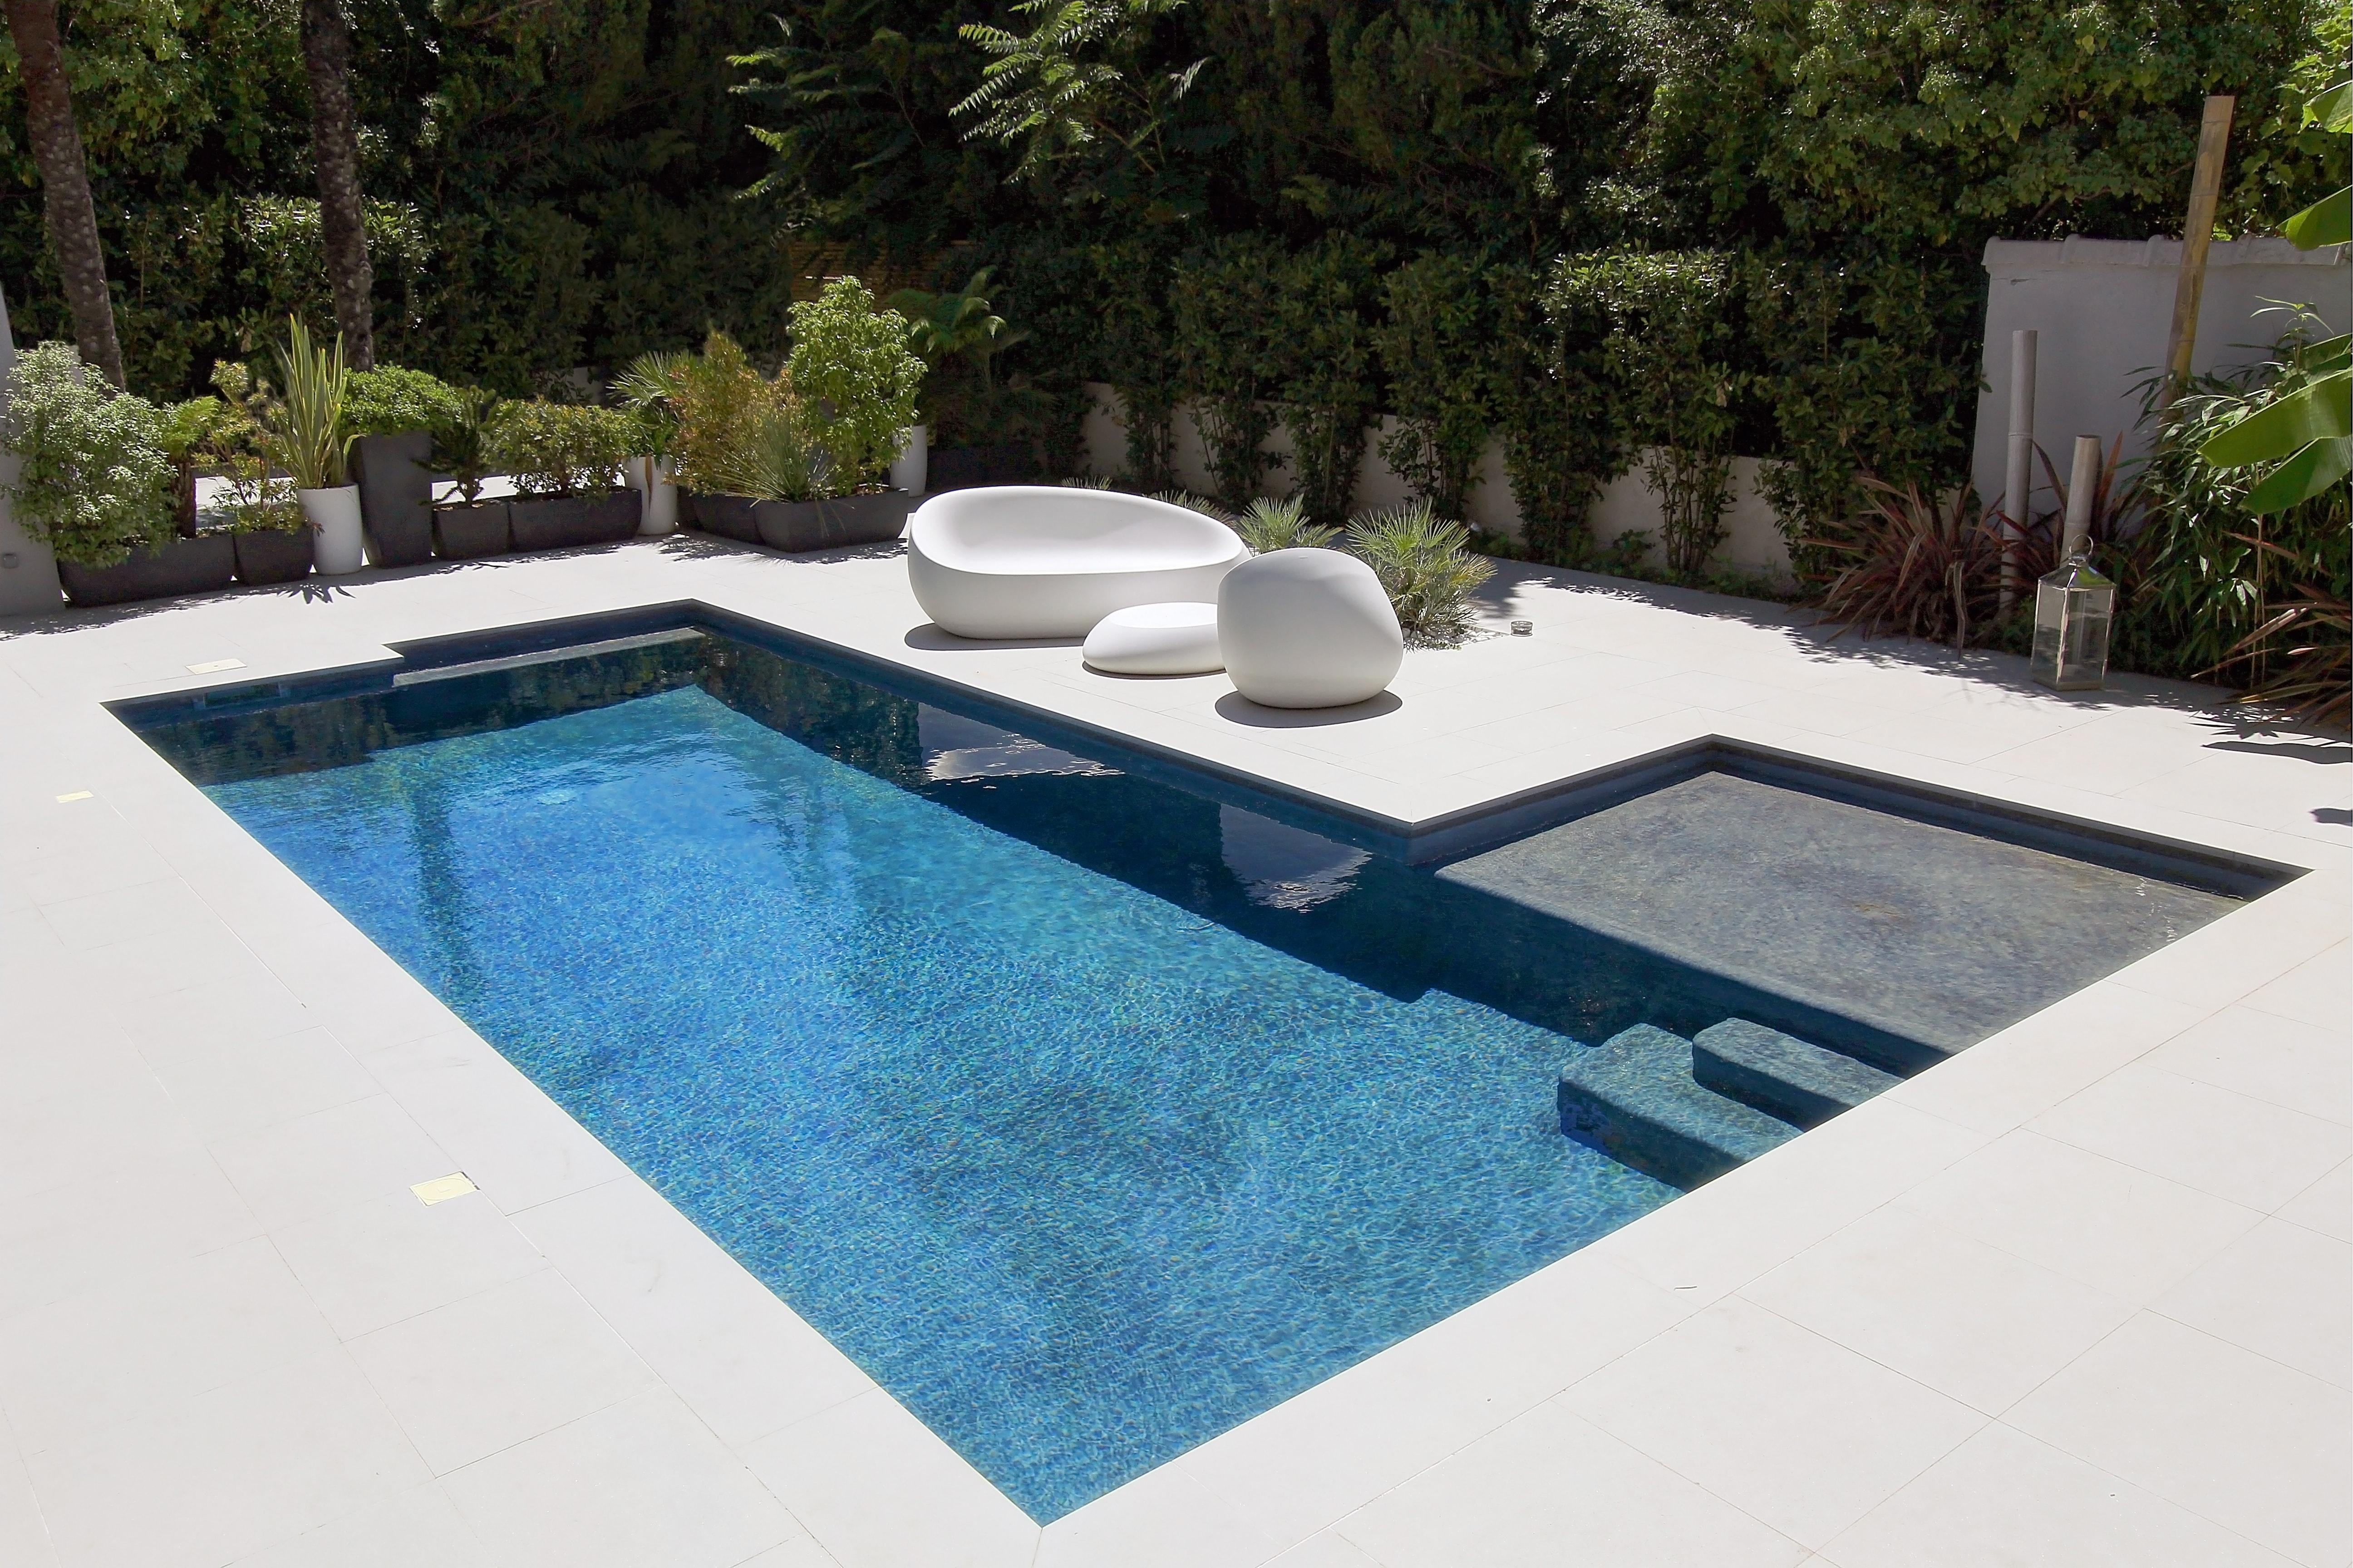 piscine-forme-originale